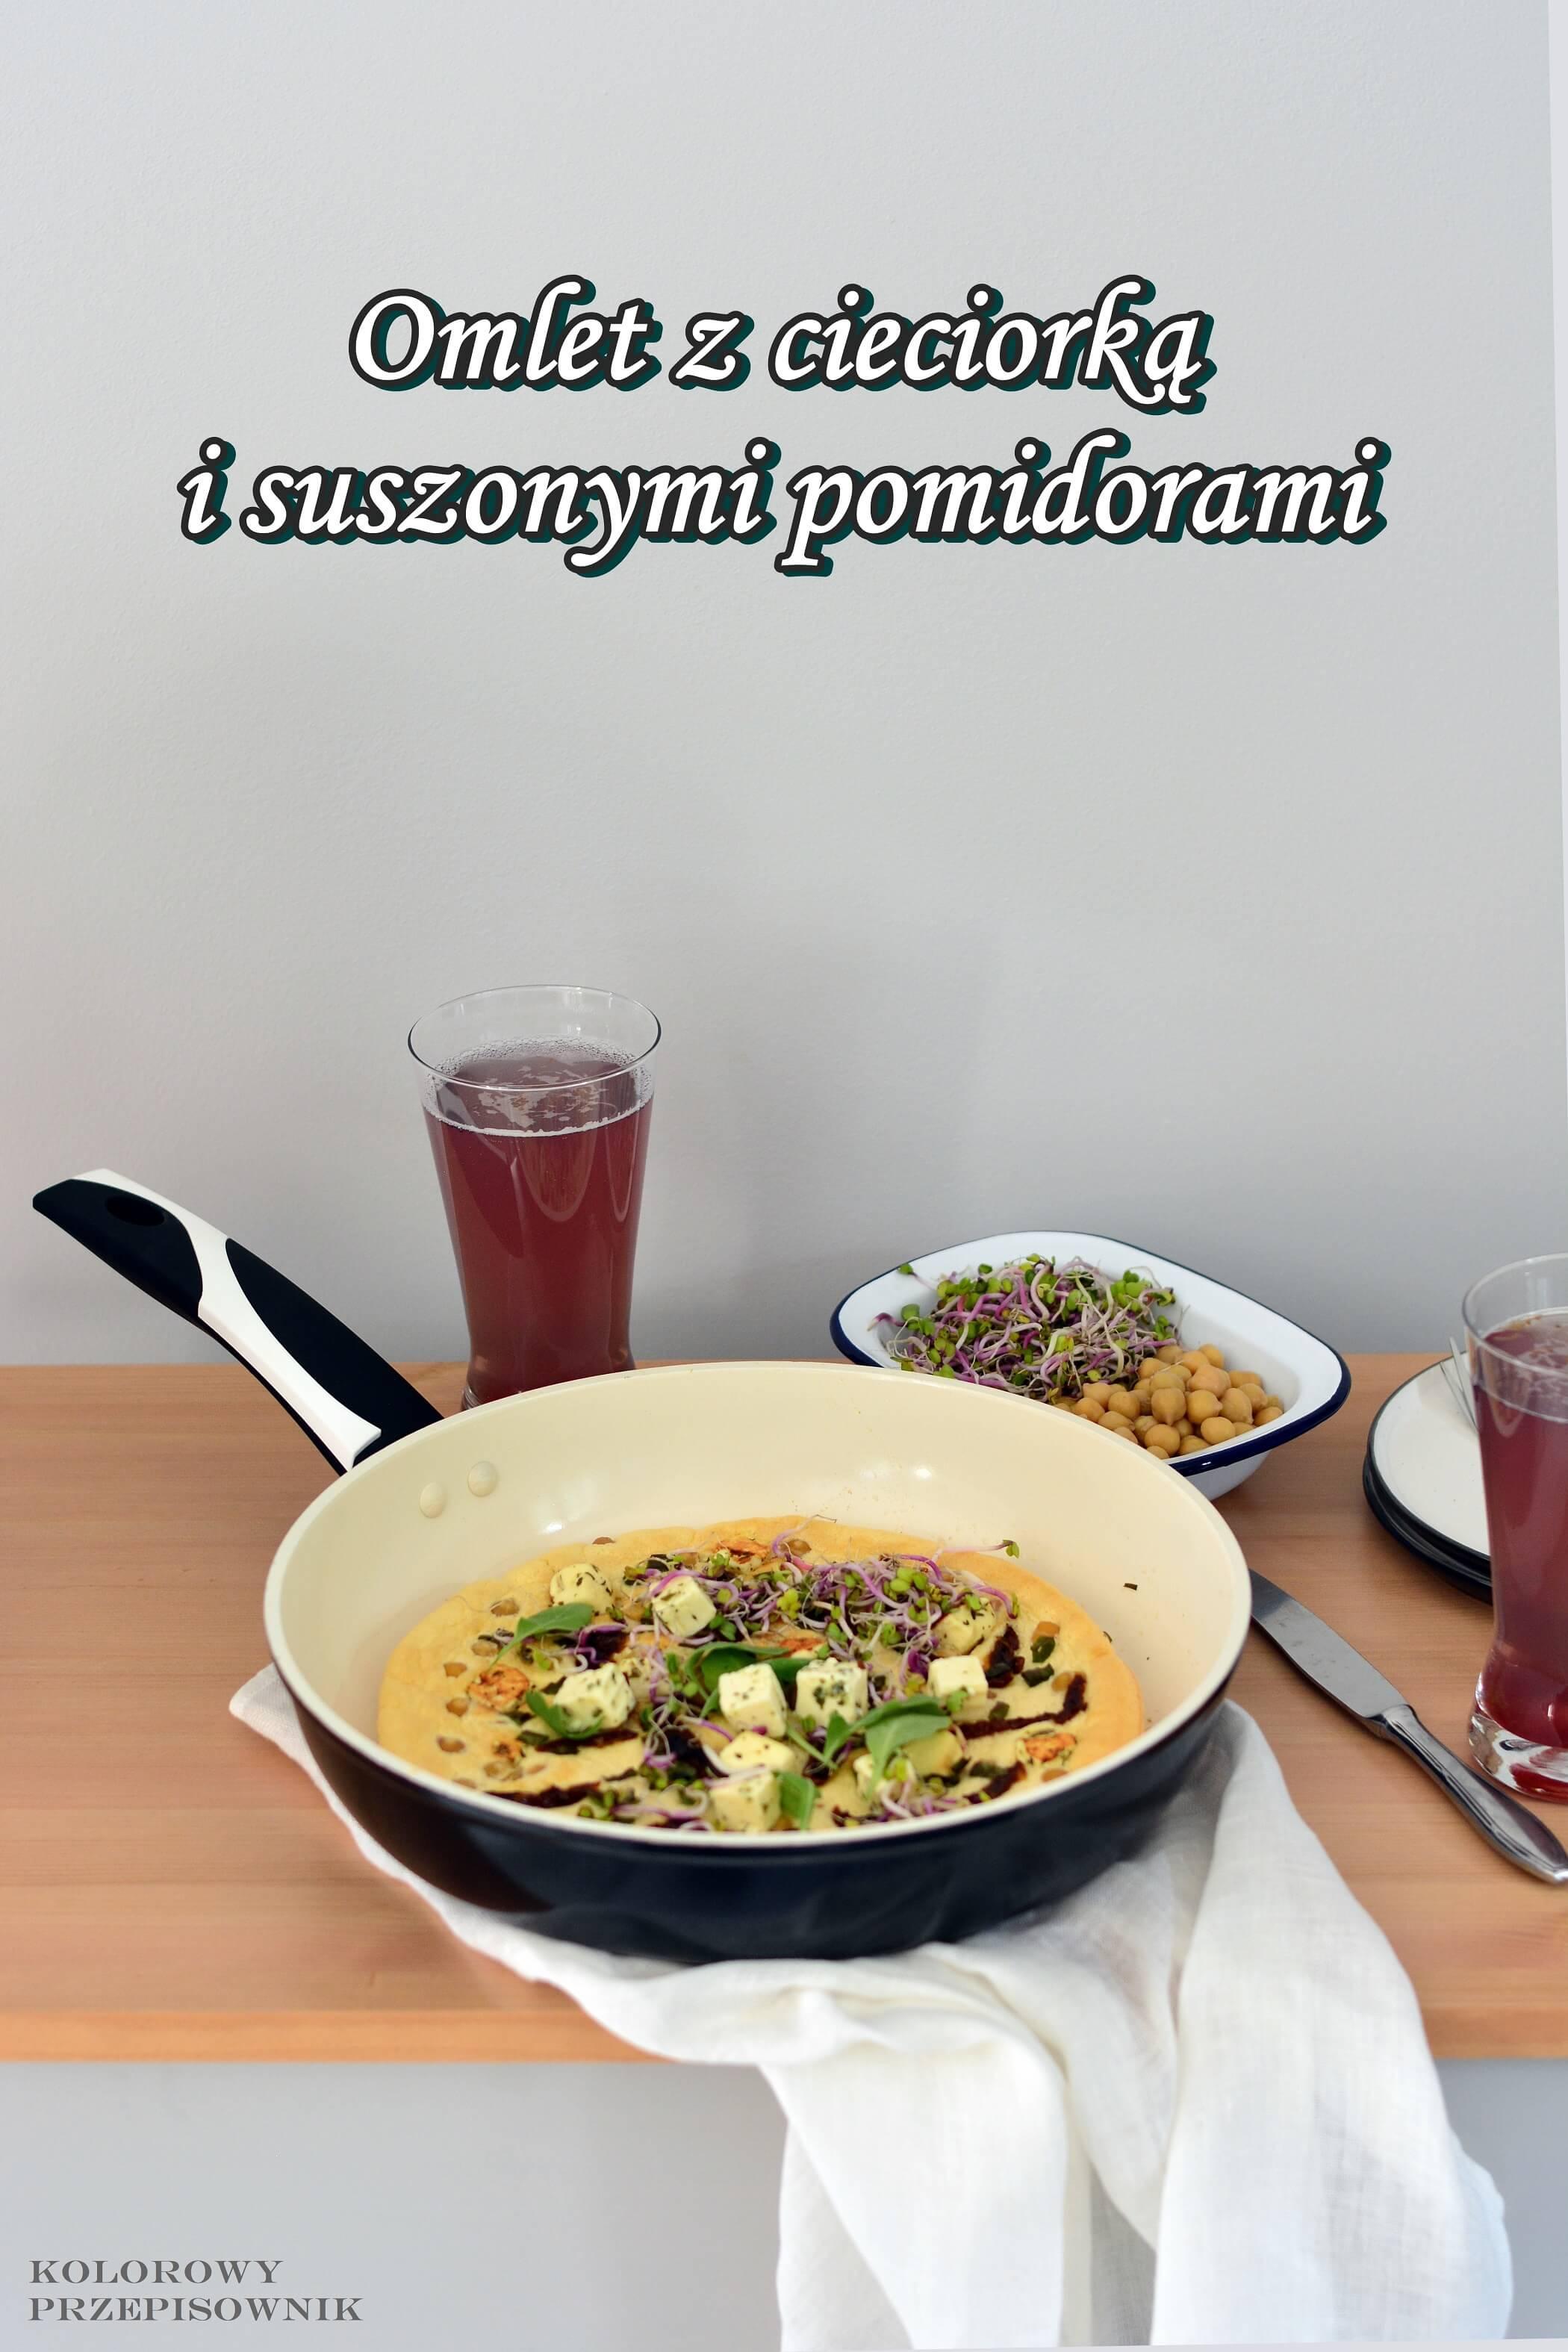 Sniadanie zjajkiem na4 sposoby, omlet zcieciorka isuszonymi pomidorami